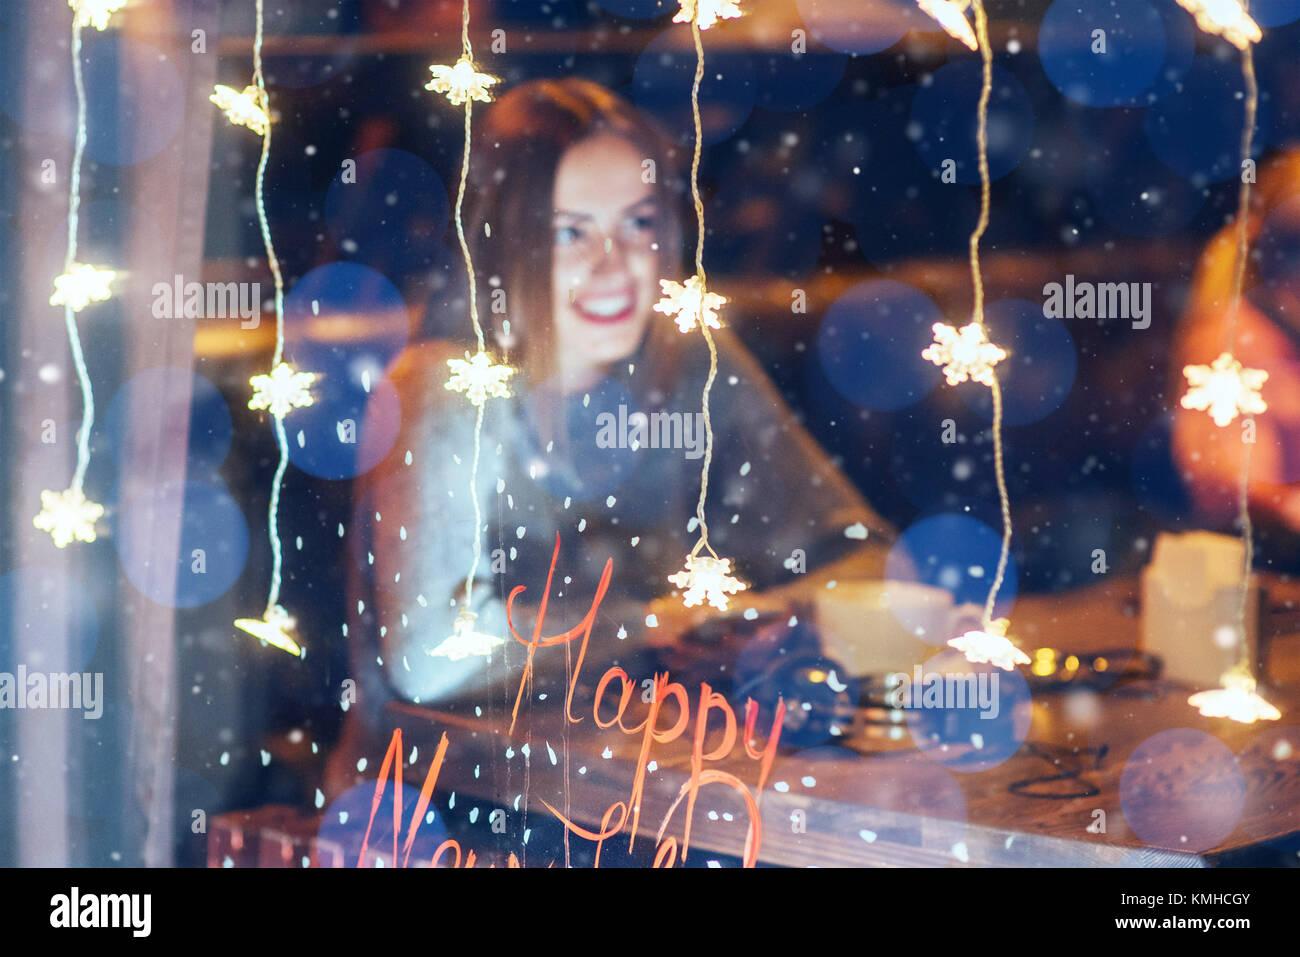 Hermosa joven mujer sentada en la cafetería, bebiendo café. Las nevadas efecto mágico. Feliz Navidad, Imagen De Stock